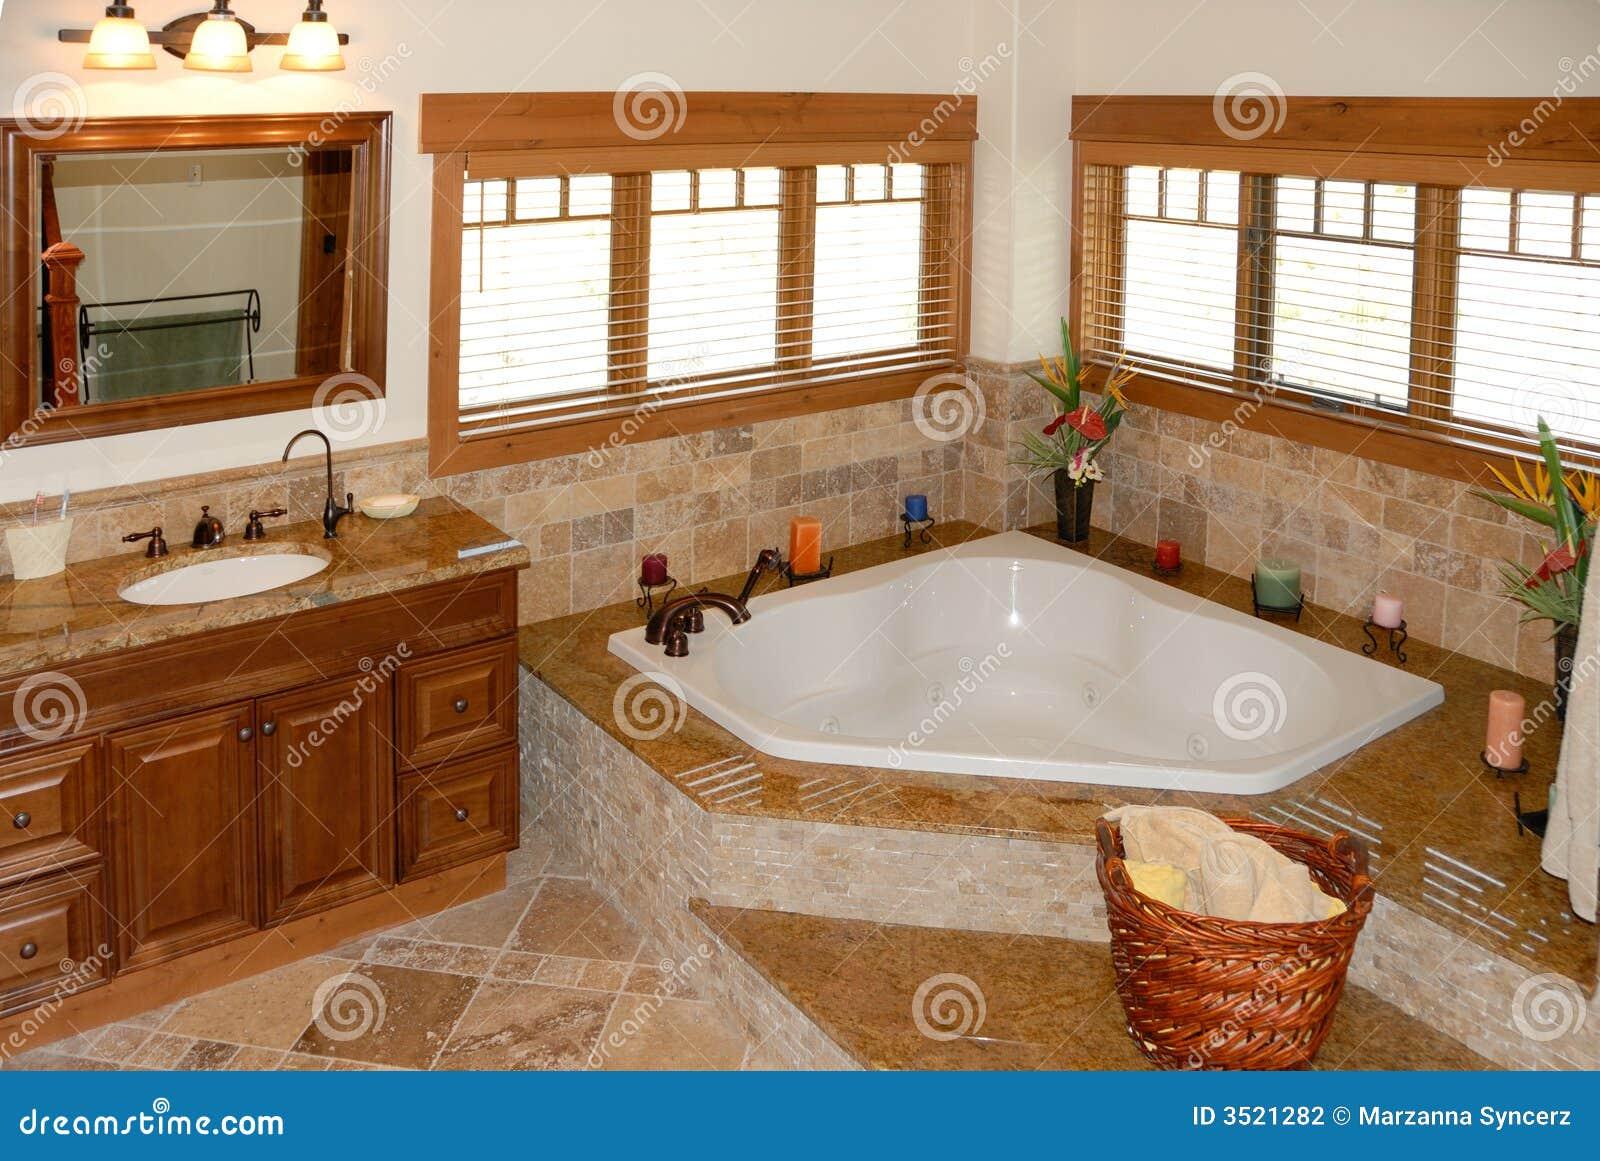 Salle de bains dans la maison moderne